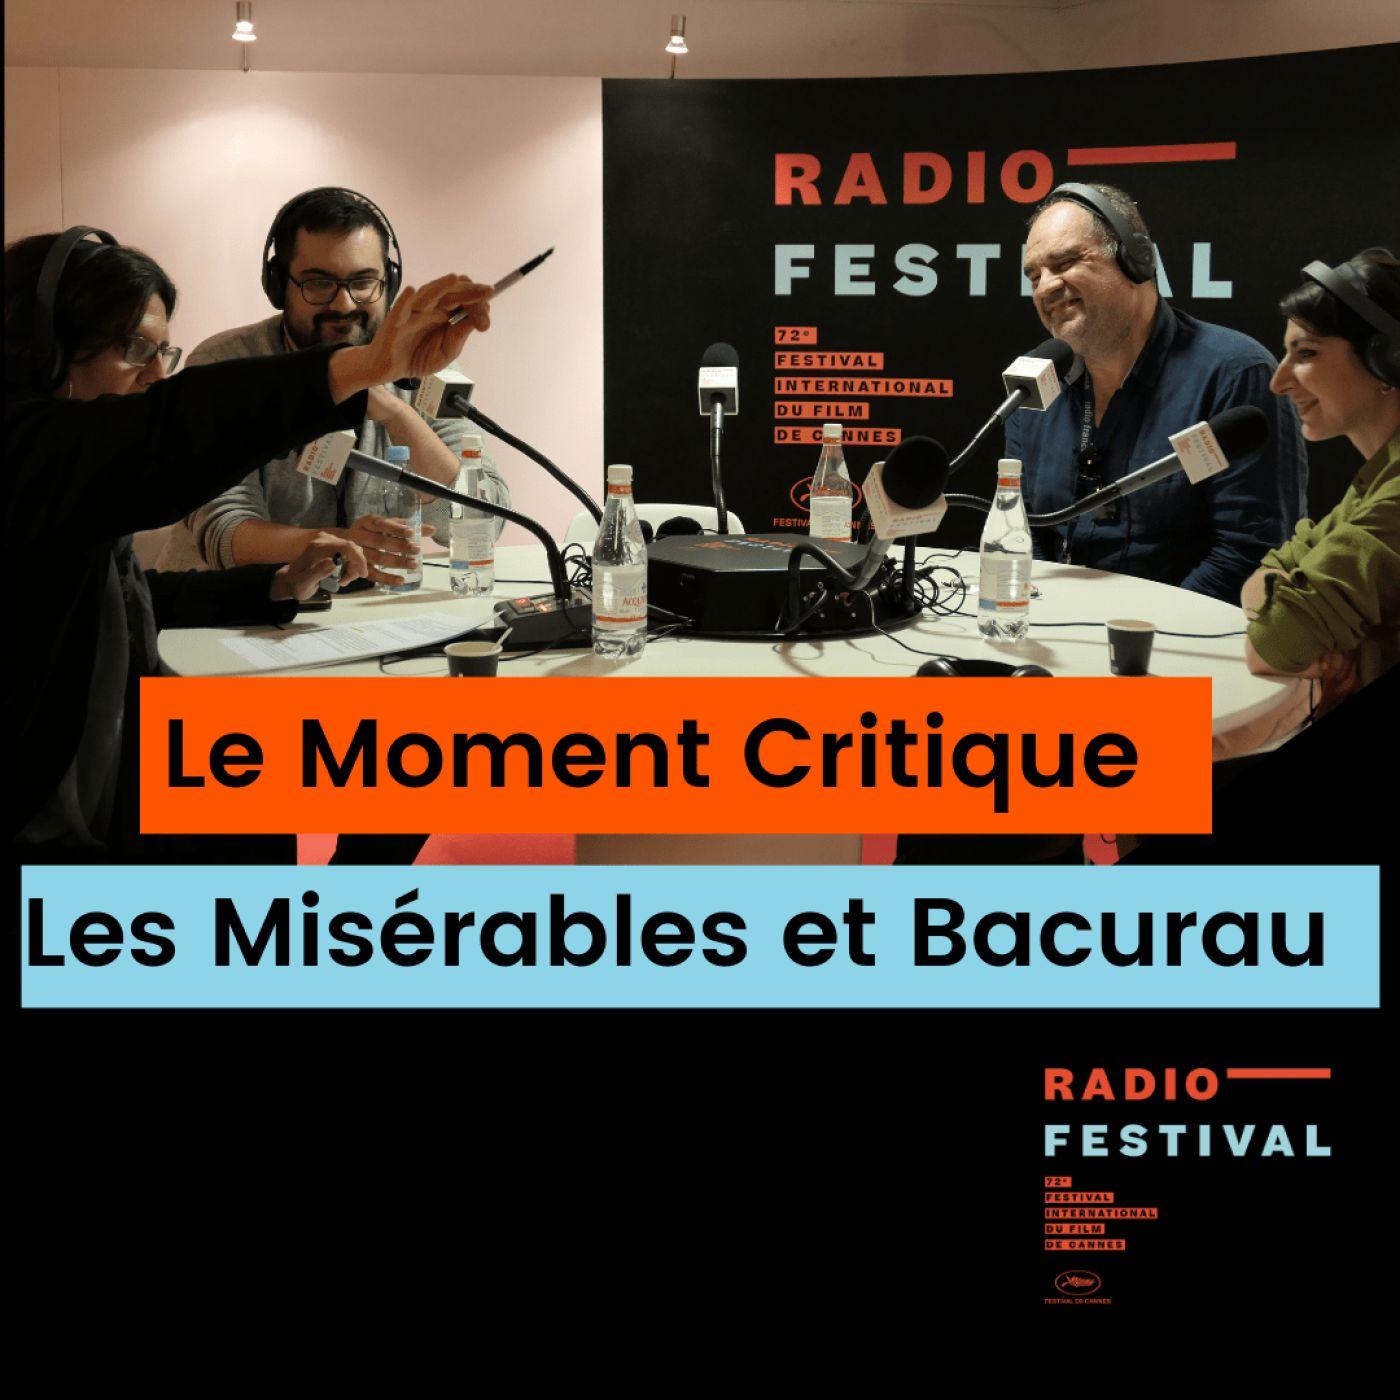 Les Misérables et Bacurau - 16 mai 2019